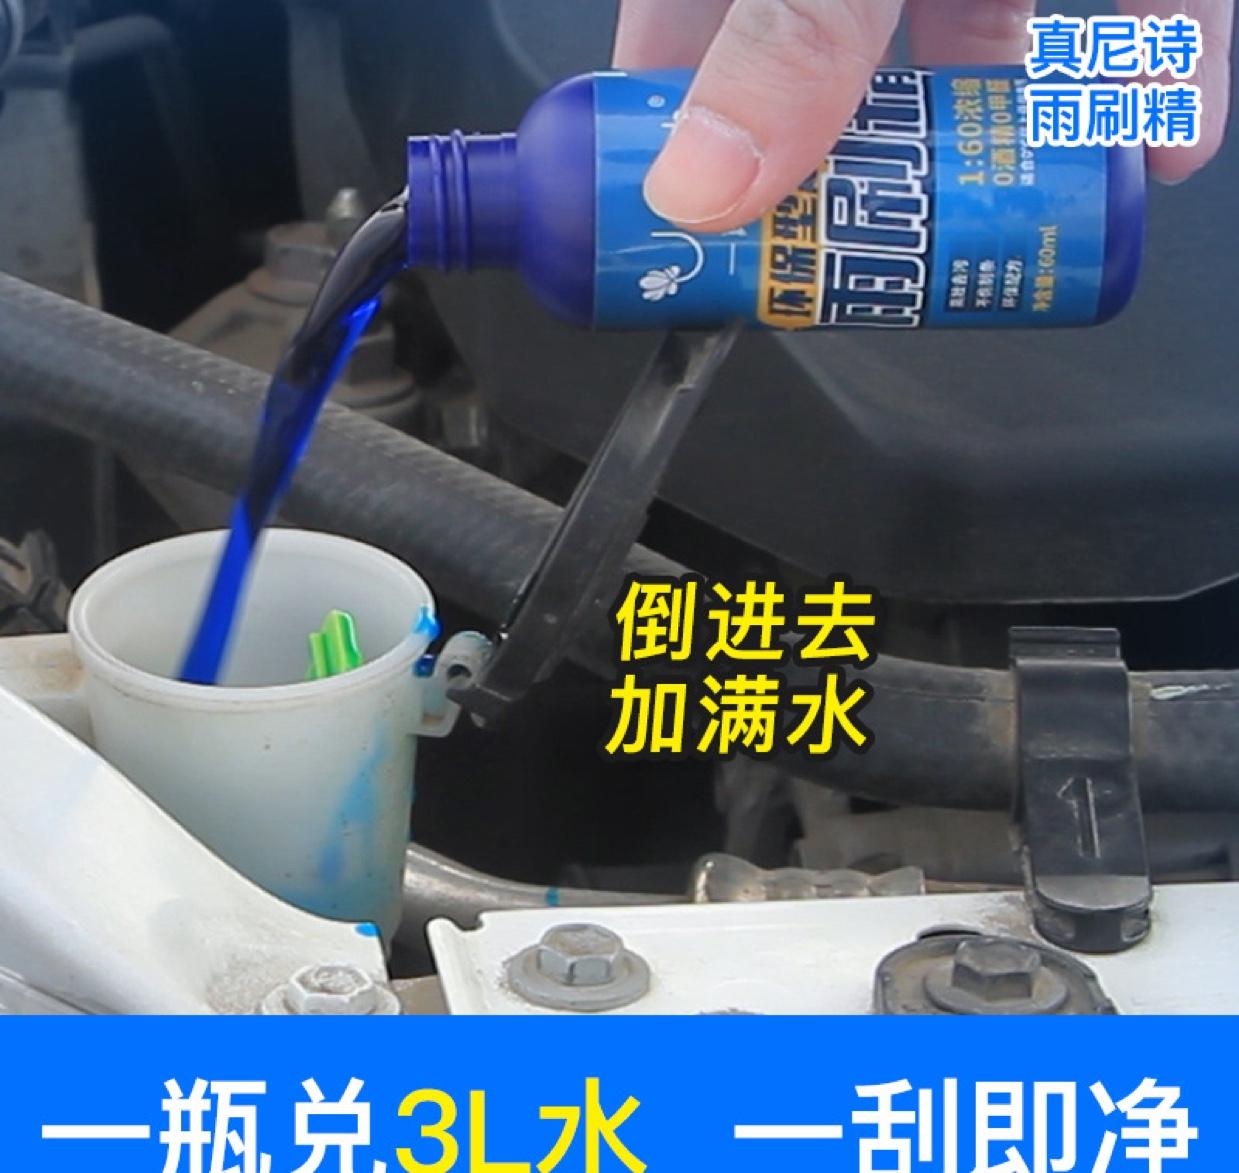 现货汽车用品玻璃水浓缩雨刷精 高浓度挡风玻璃清洗保护剂